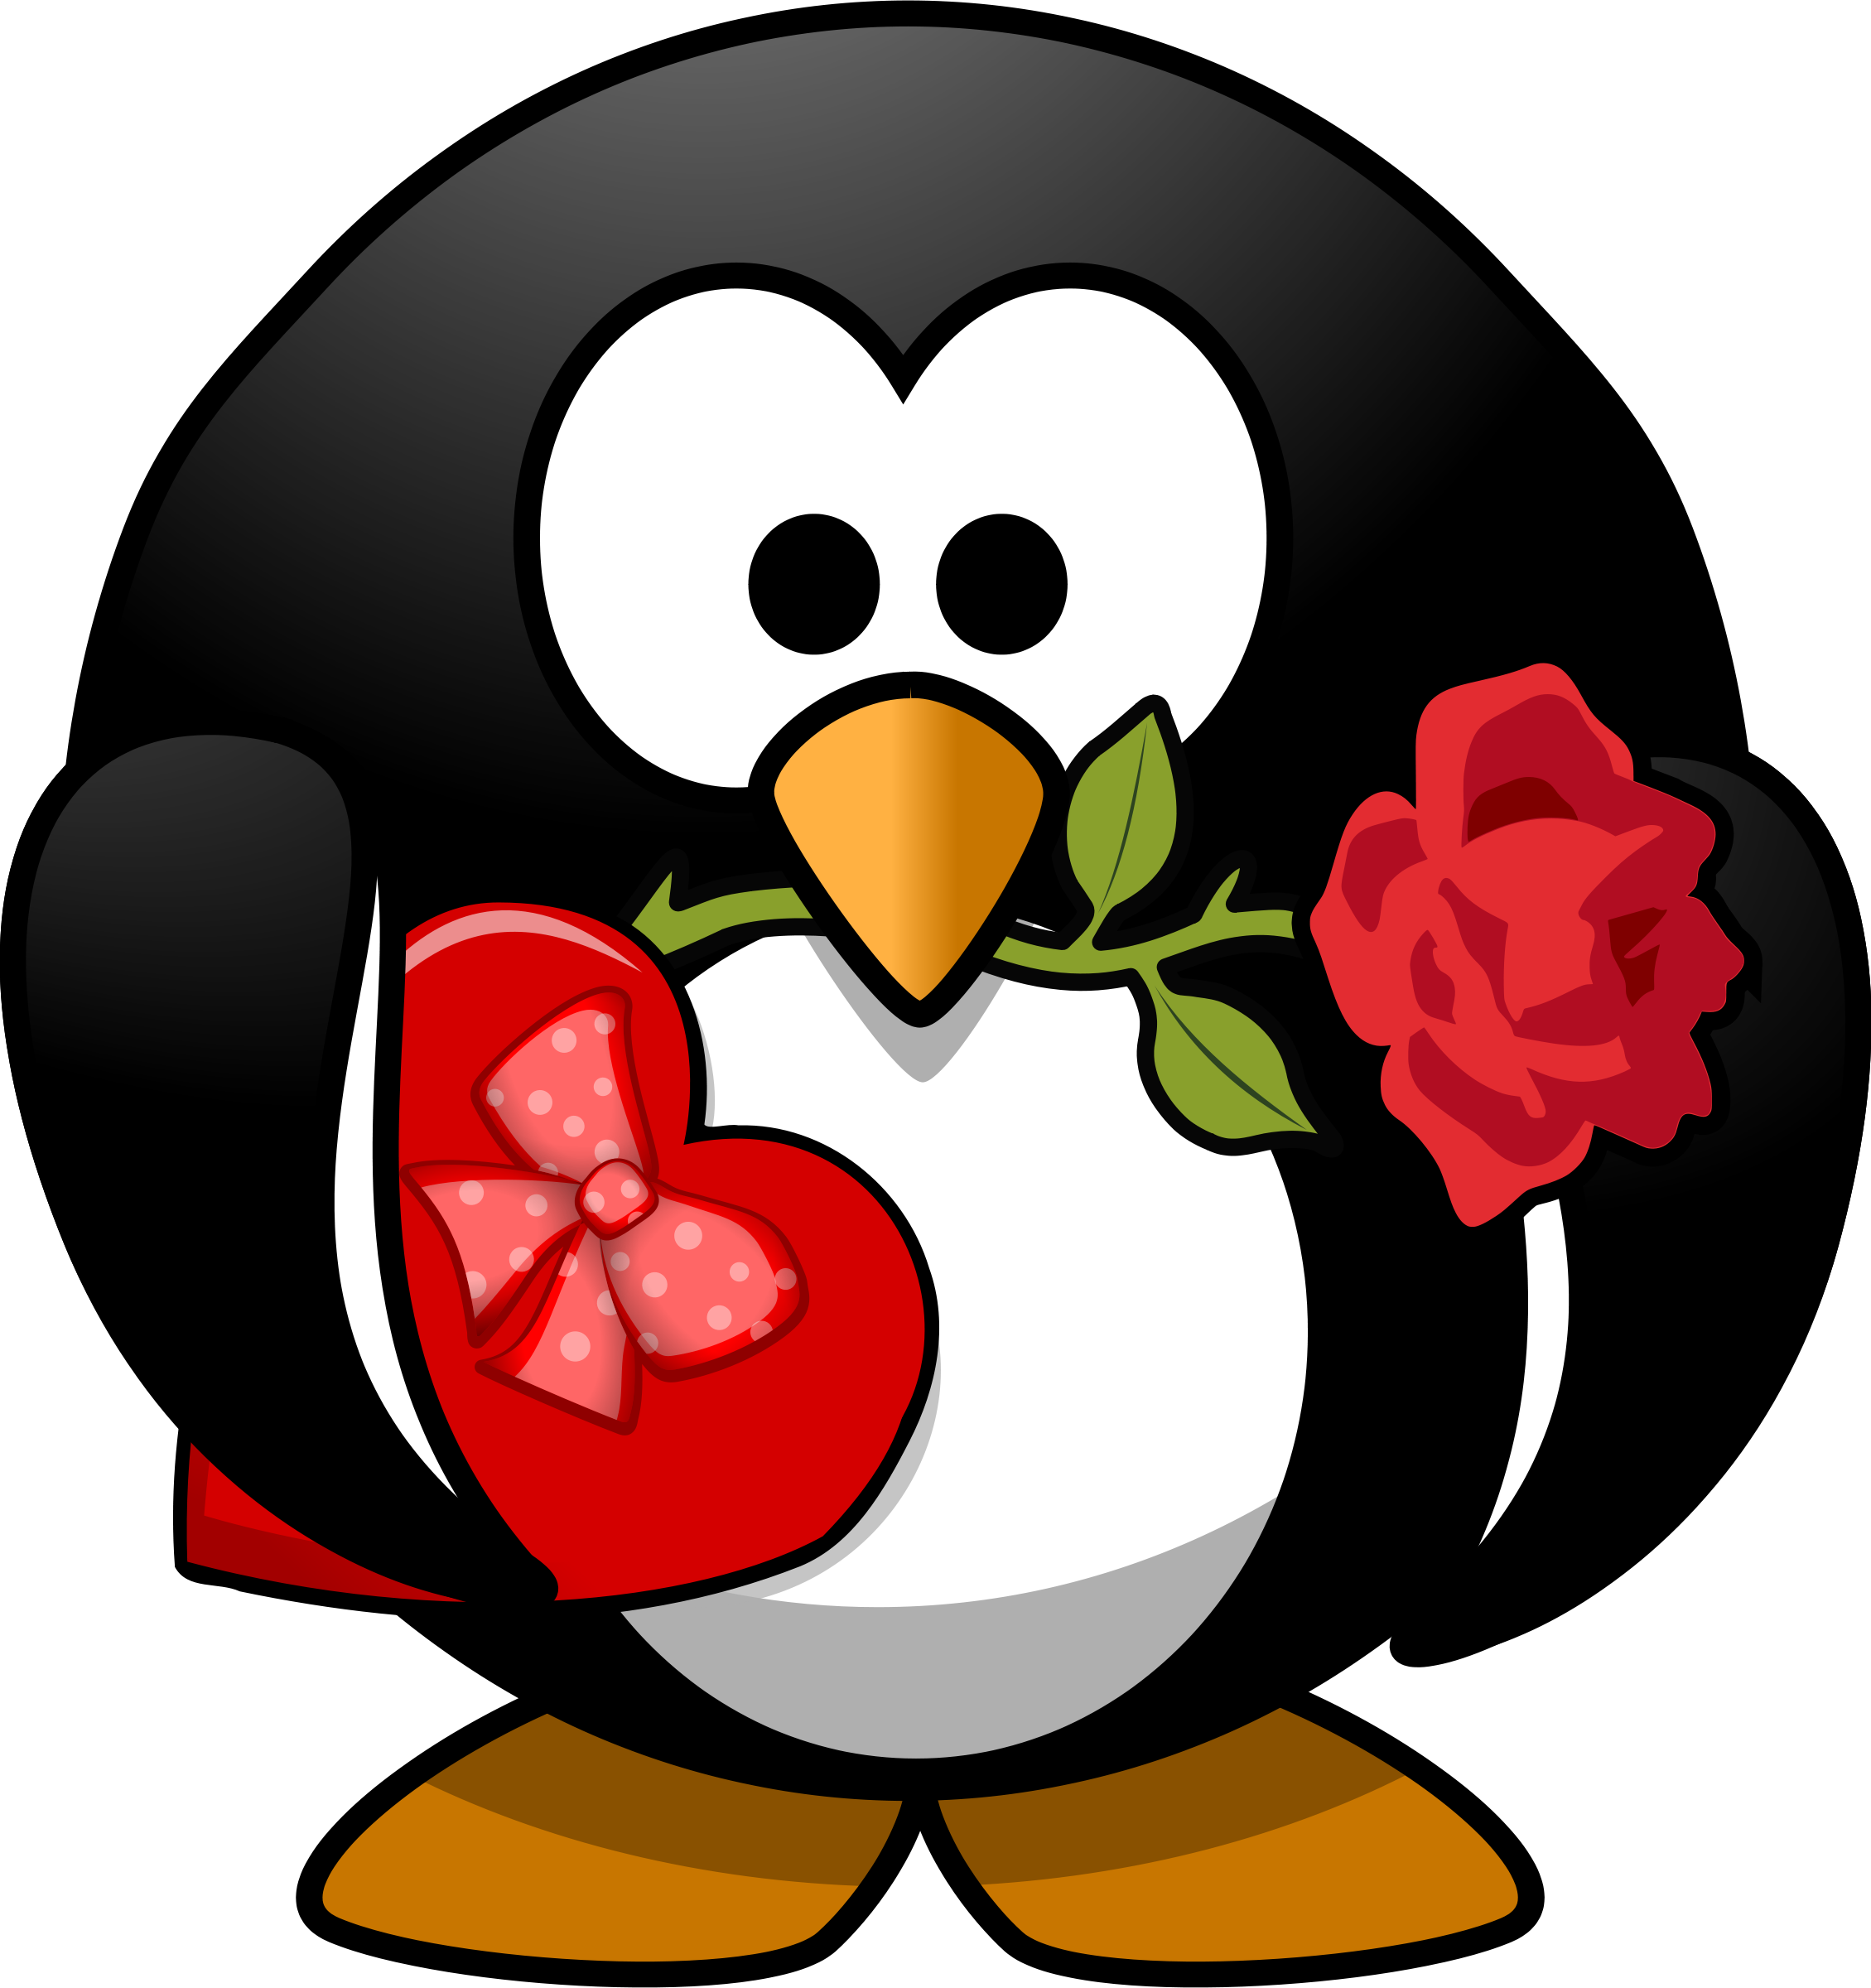 Kind clipart valentines kid, Kind valentines kid Transparent.